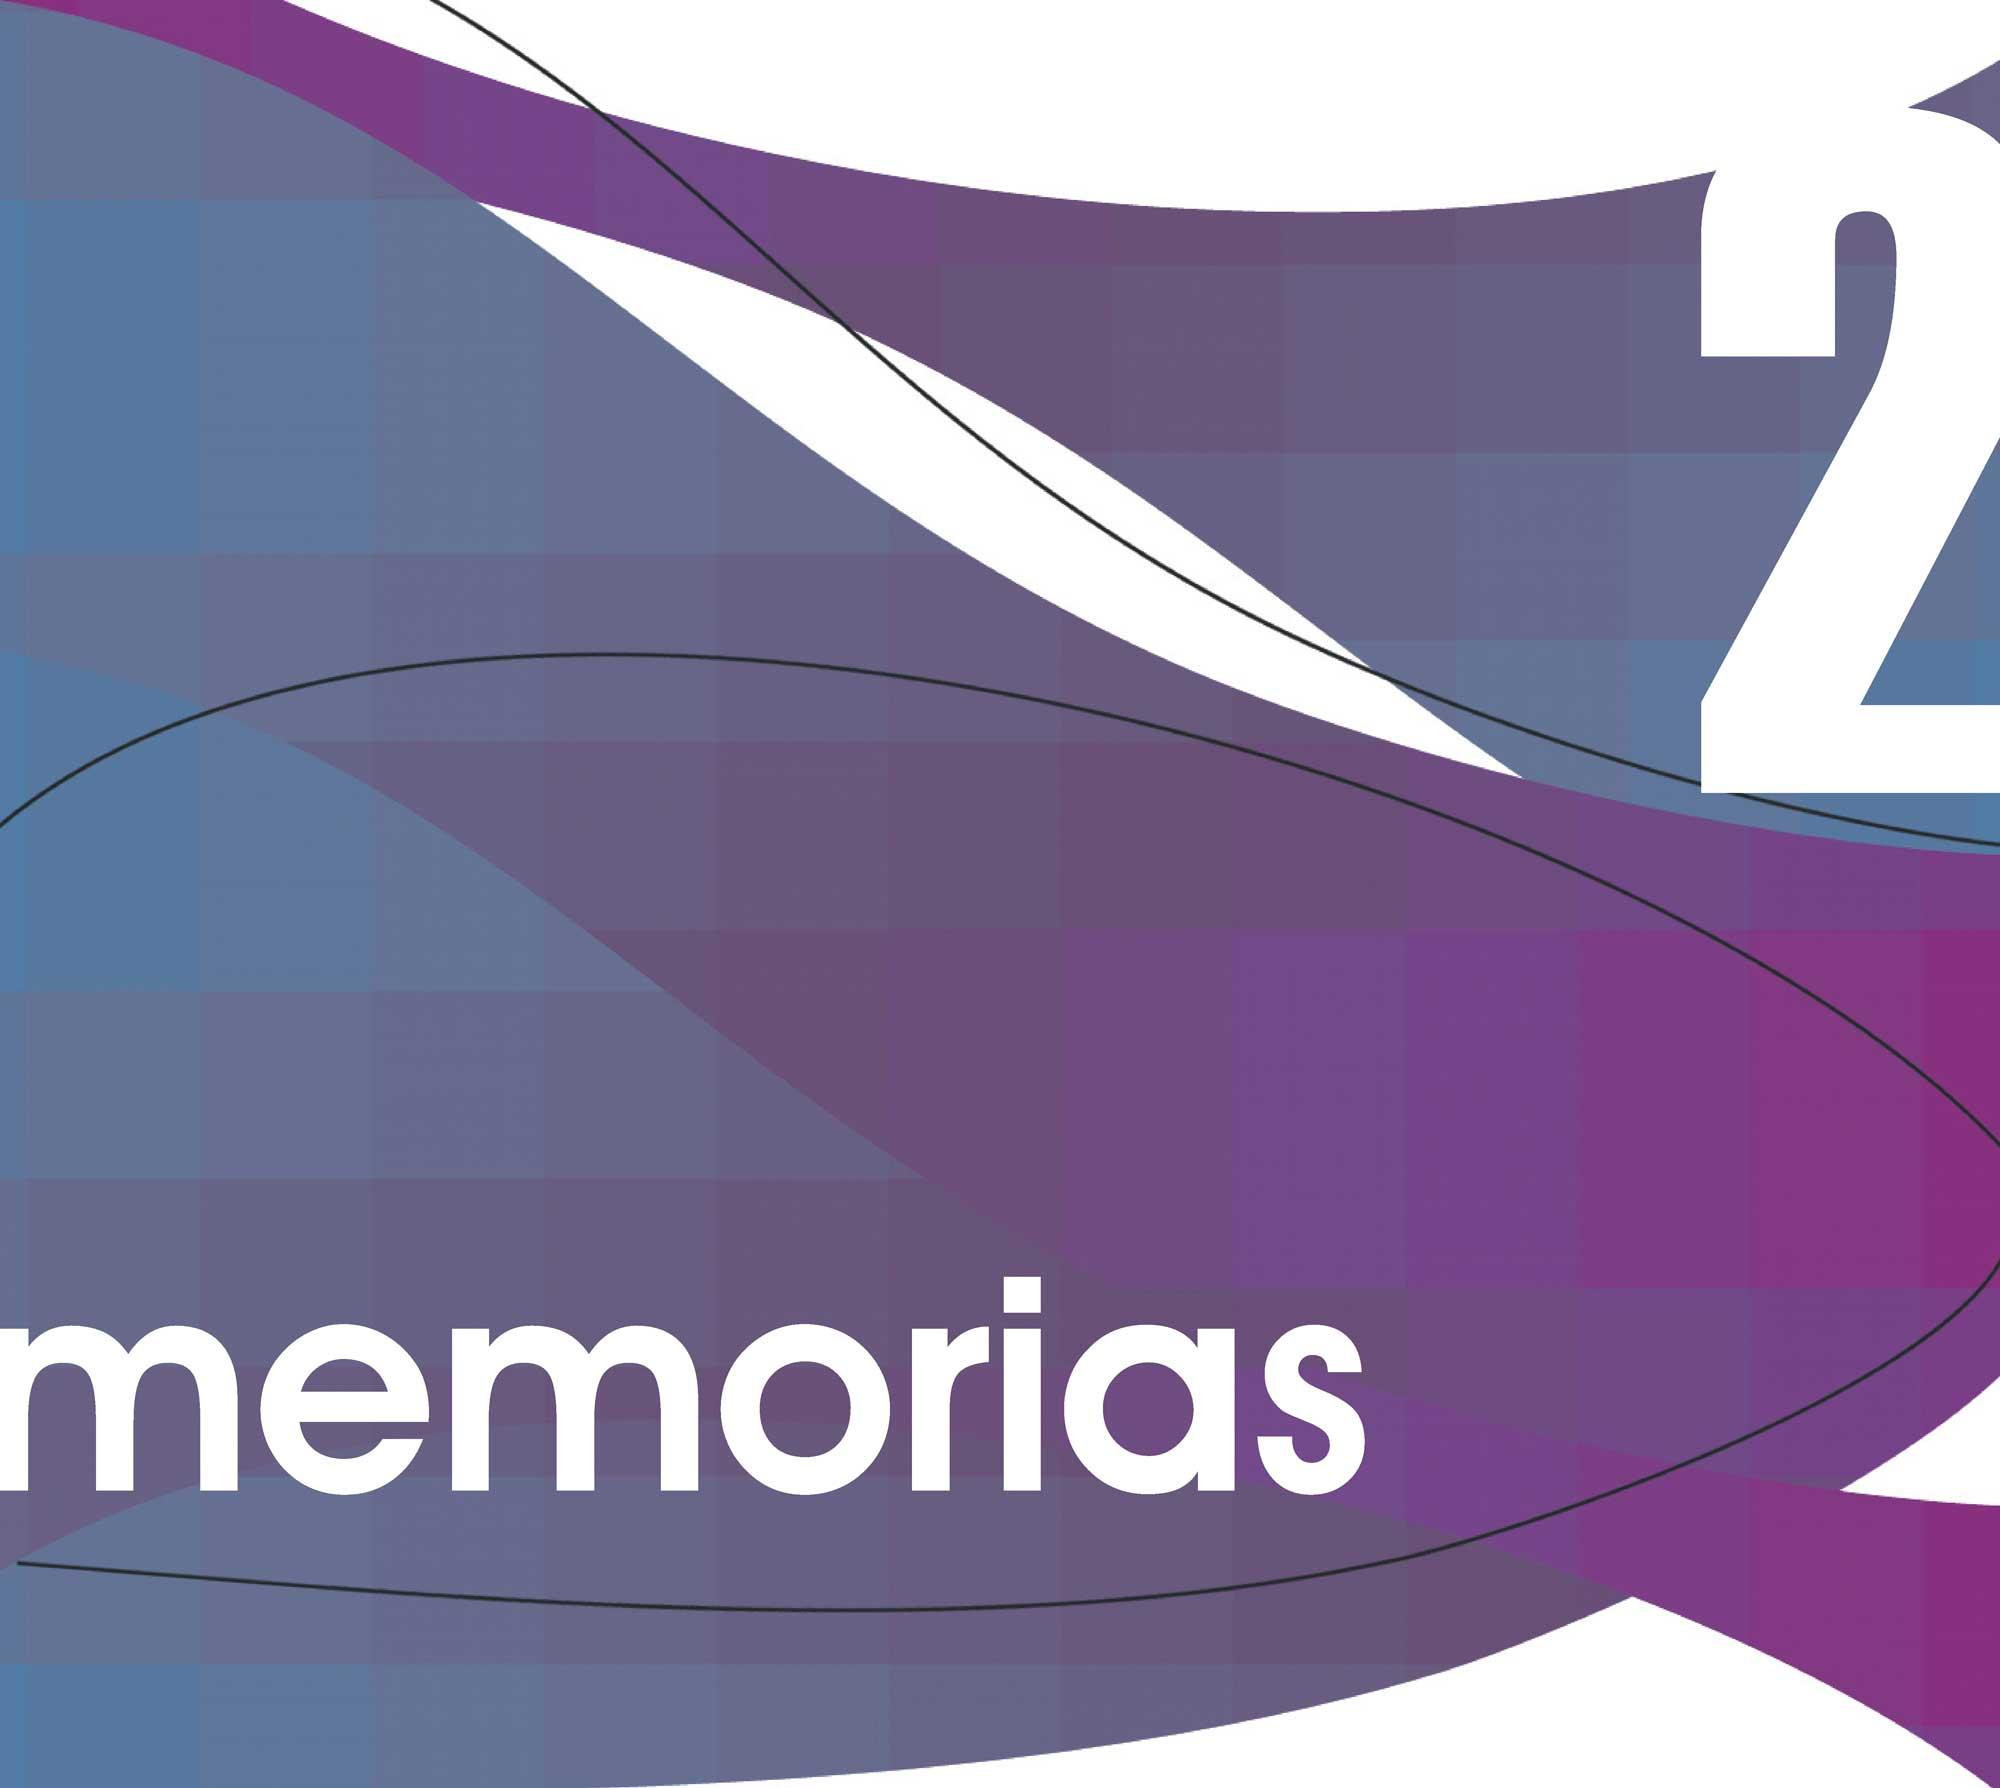 icono-memorias.jpg